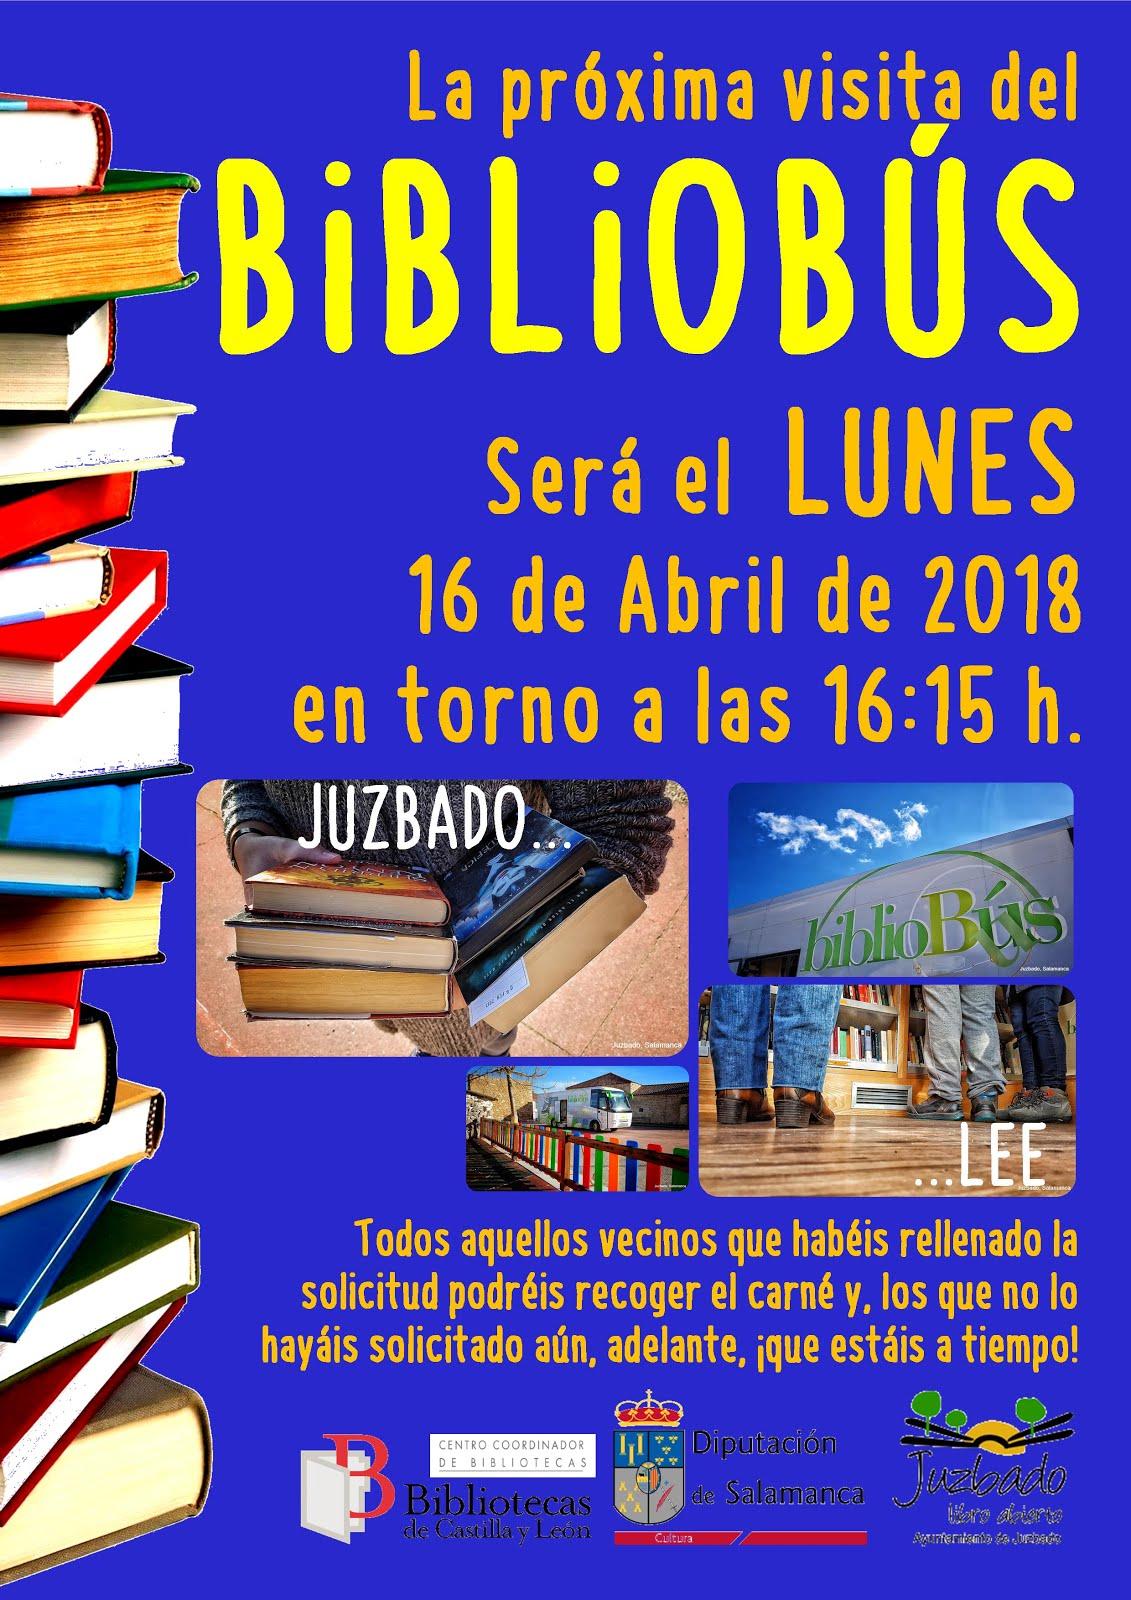 BIBLIOBÚS DE ABRIL